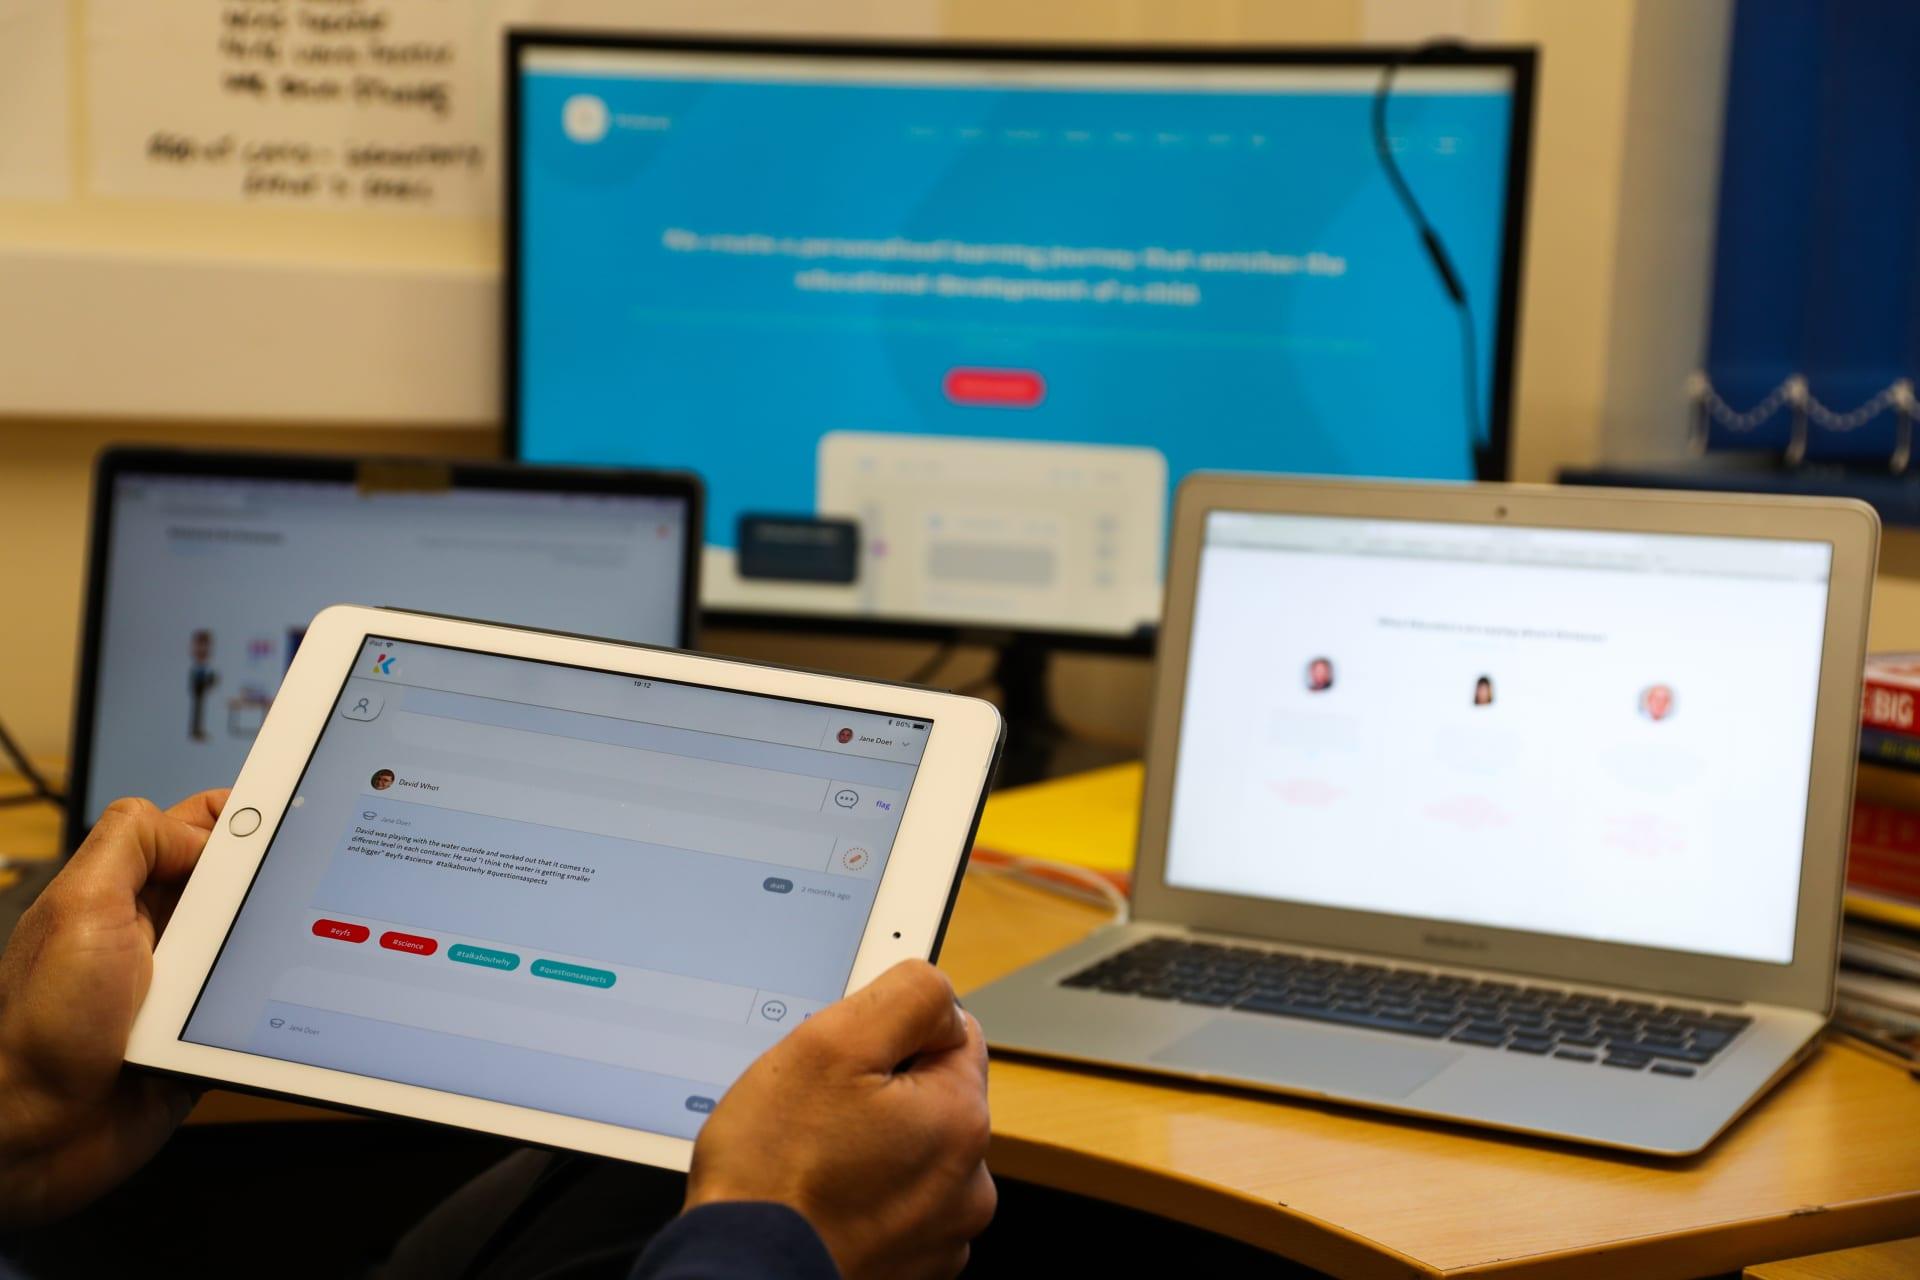 كيف ستغير التكنولوجيا واقع الصفوف الدراسية في دول الخليج؟